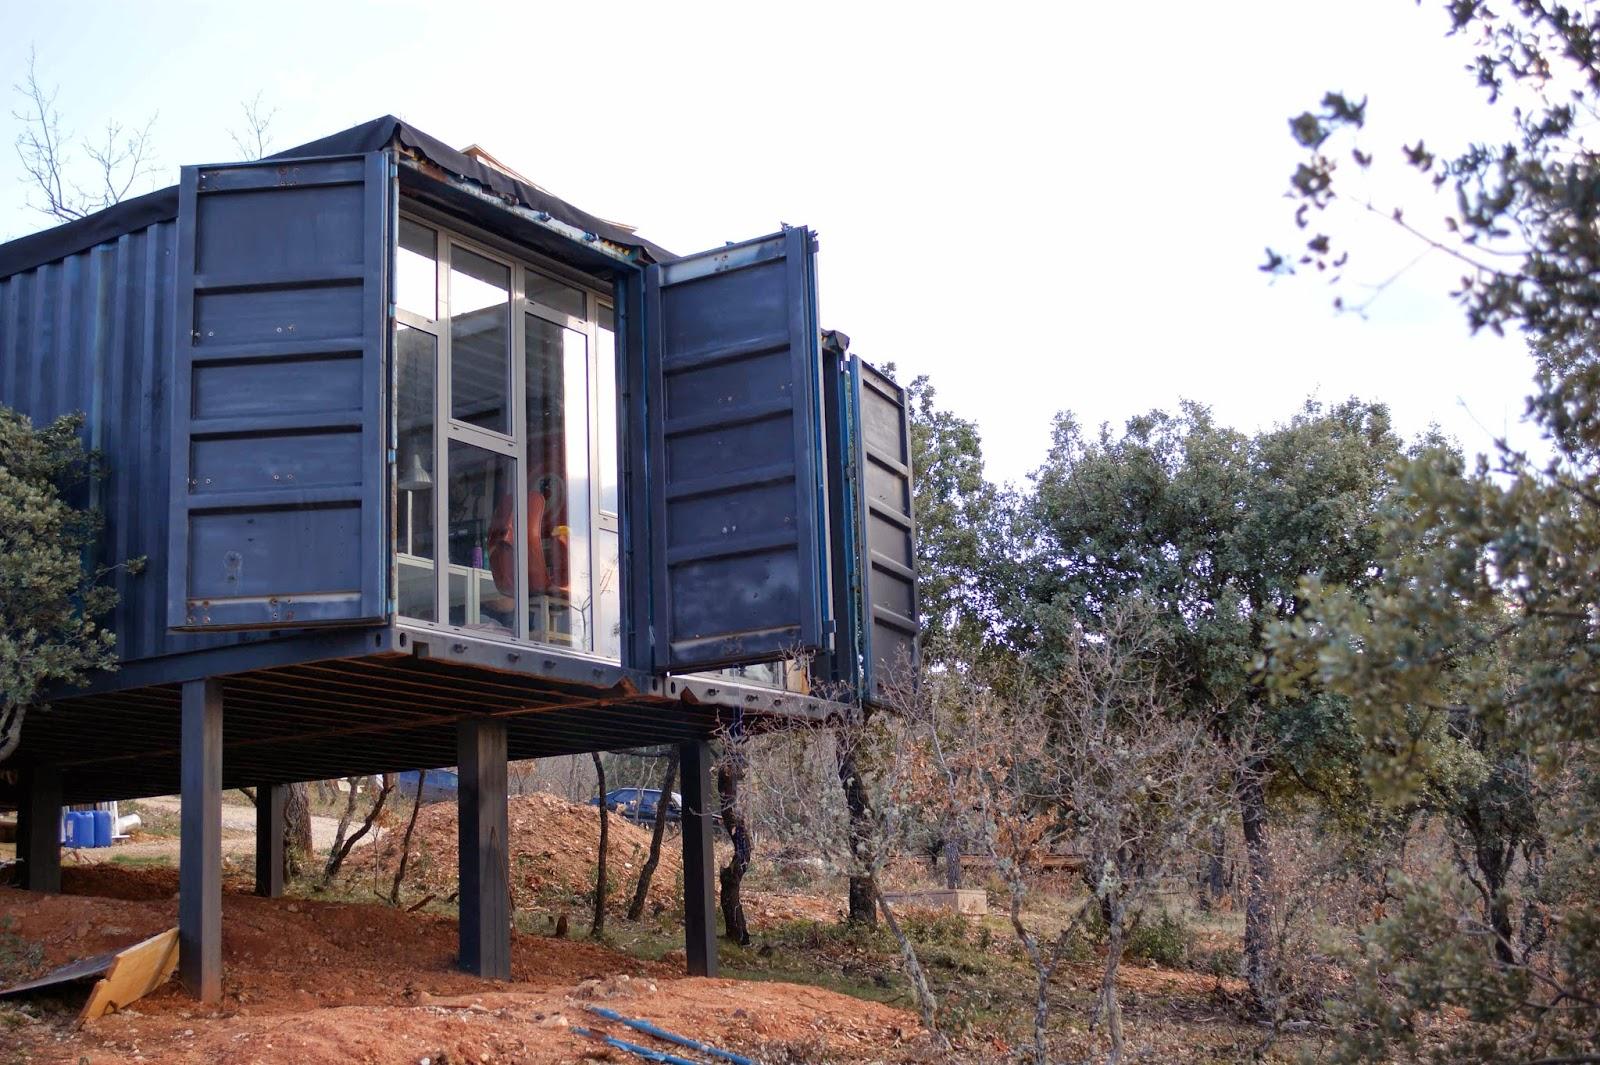 Autoconstrucci n c mo transformar un contenedor 2 parte - Construir altillo madera ...